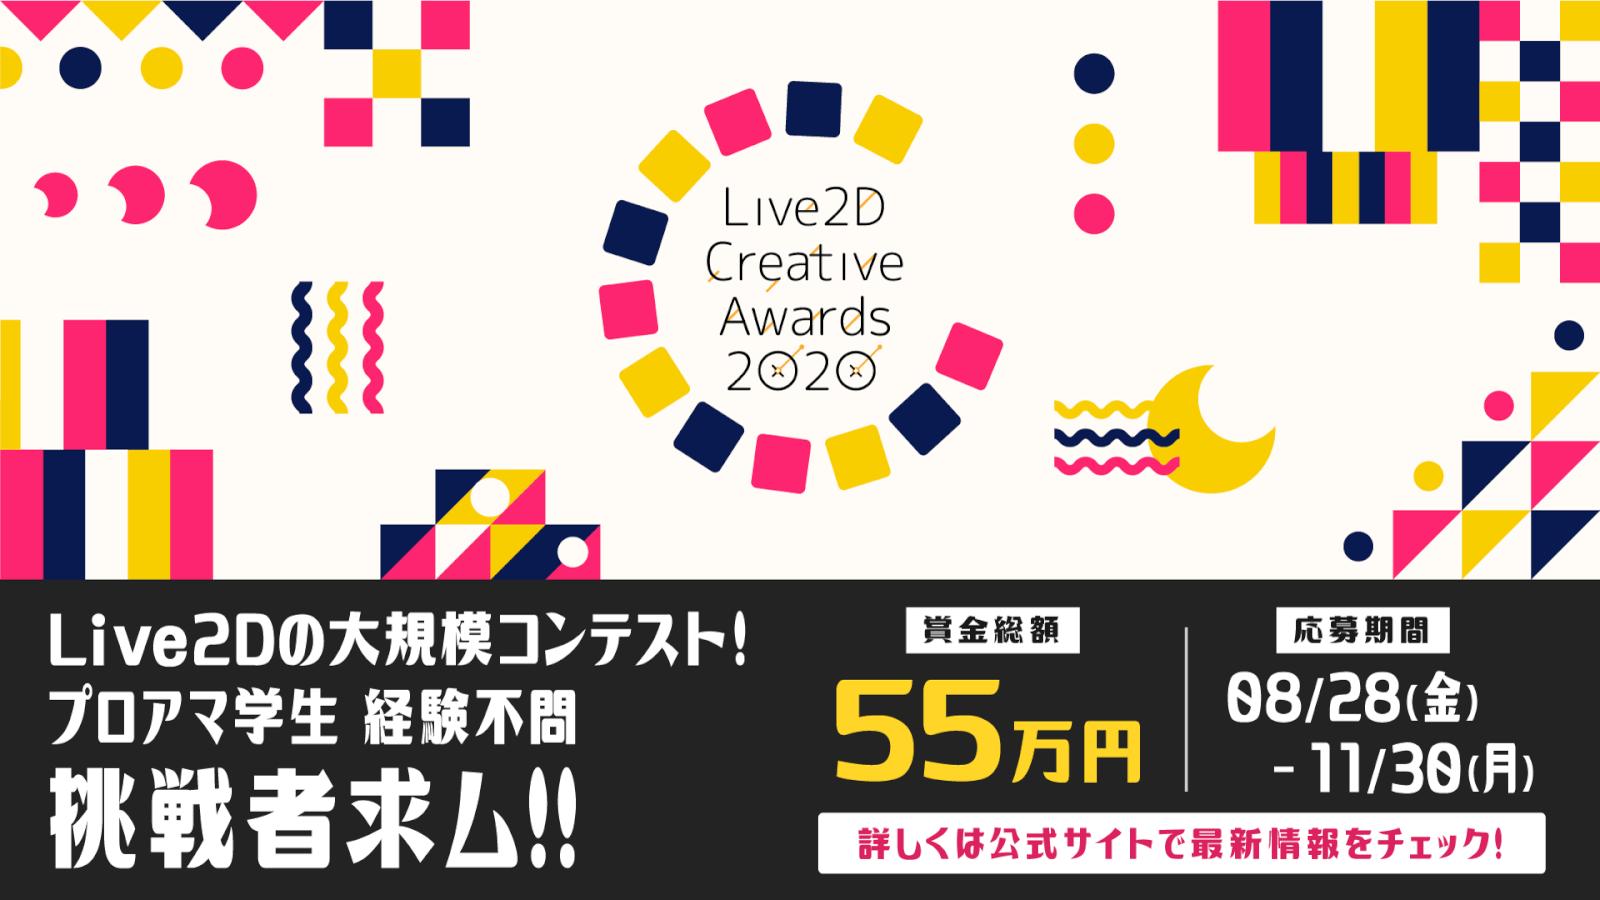 グランプリ賞金55万円!世界一を決める『Live2D Creative Awards 2020』作品募集スタート!